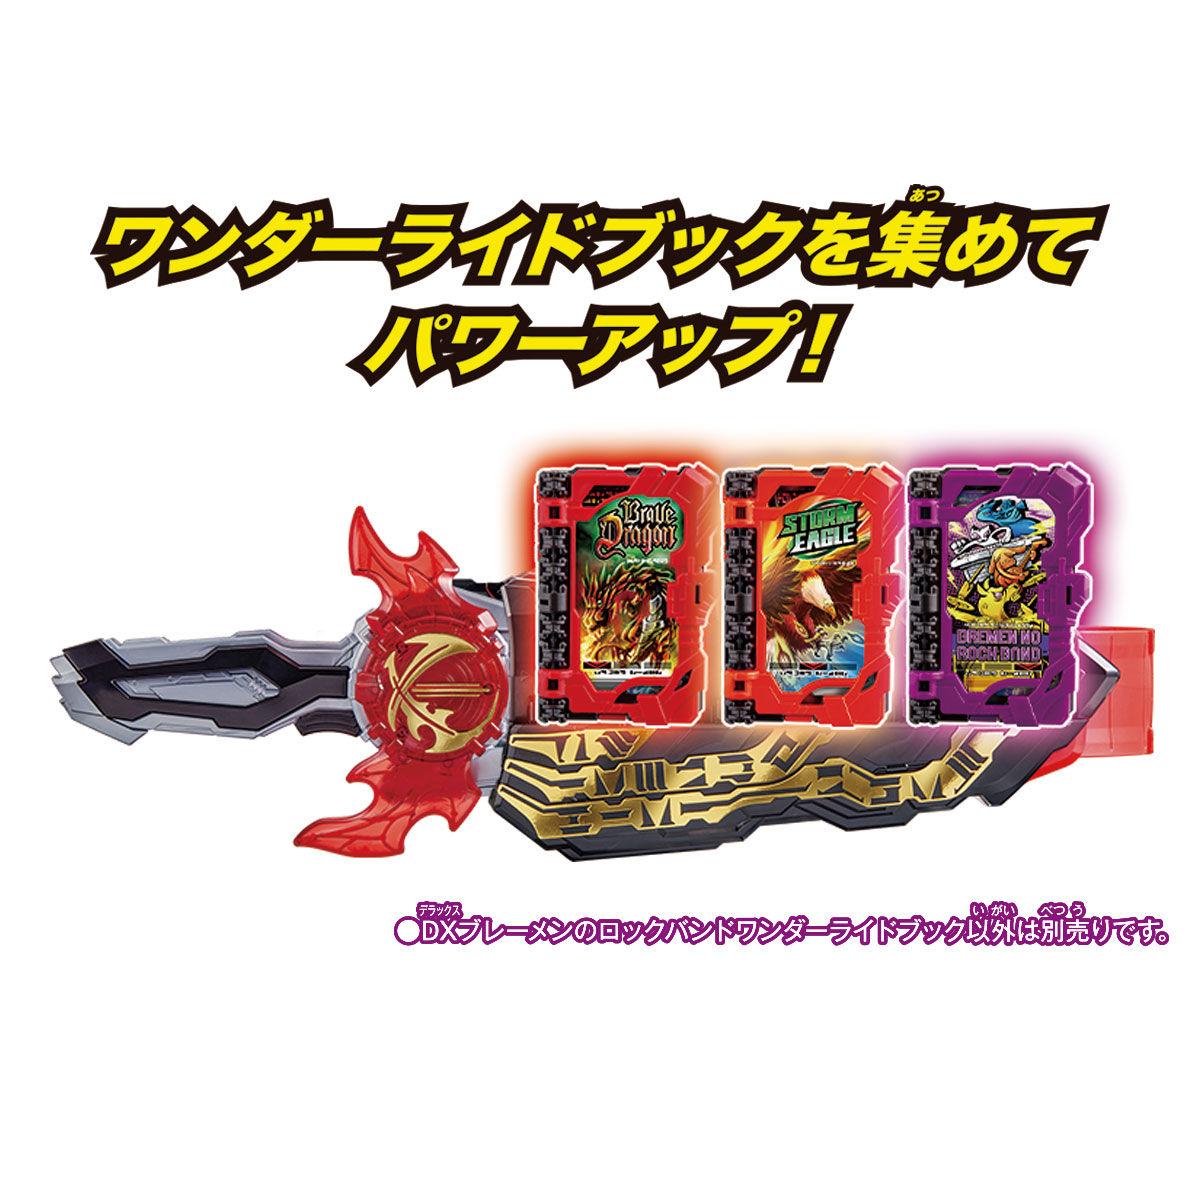 仮面ライダーセイバー『DXブレーメンのロックバンドワンダーライドブック』変身なりきり-006